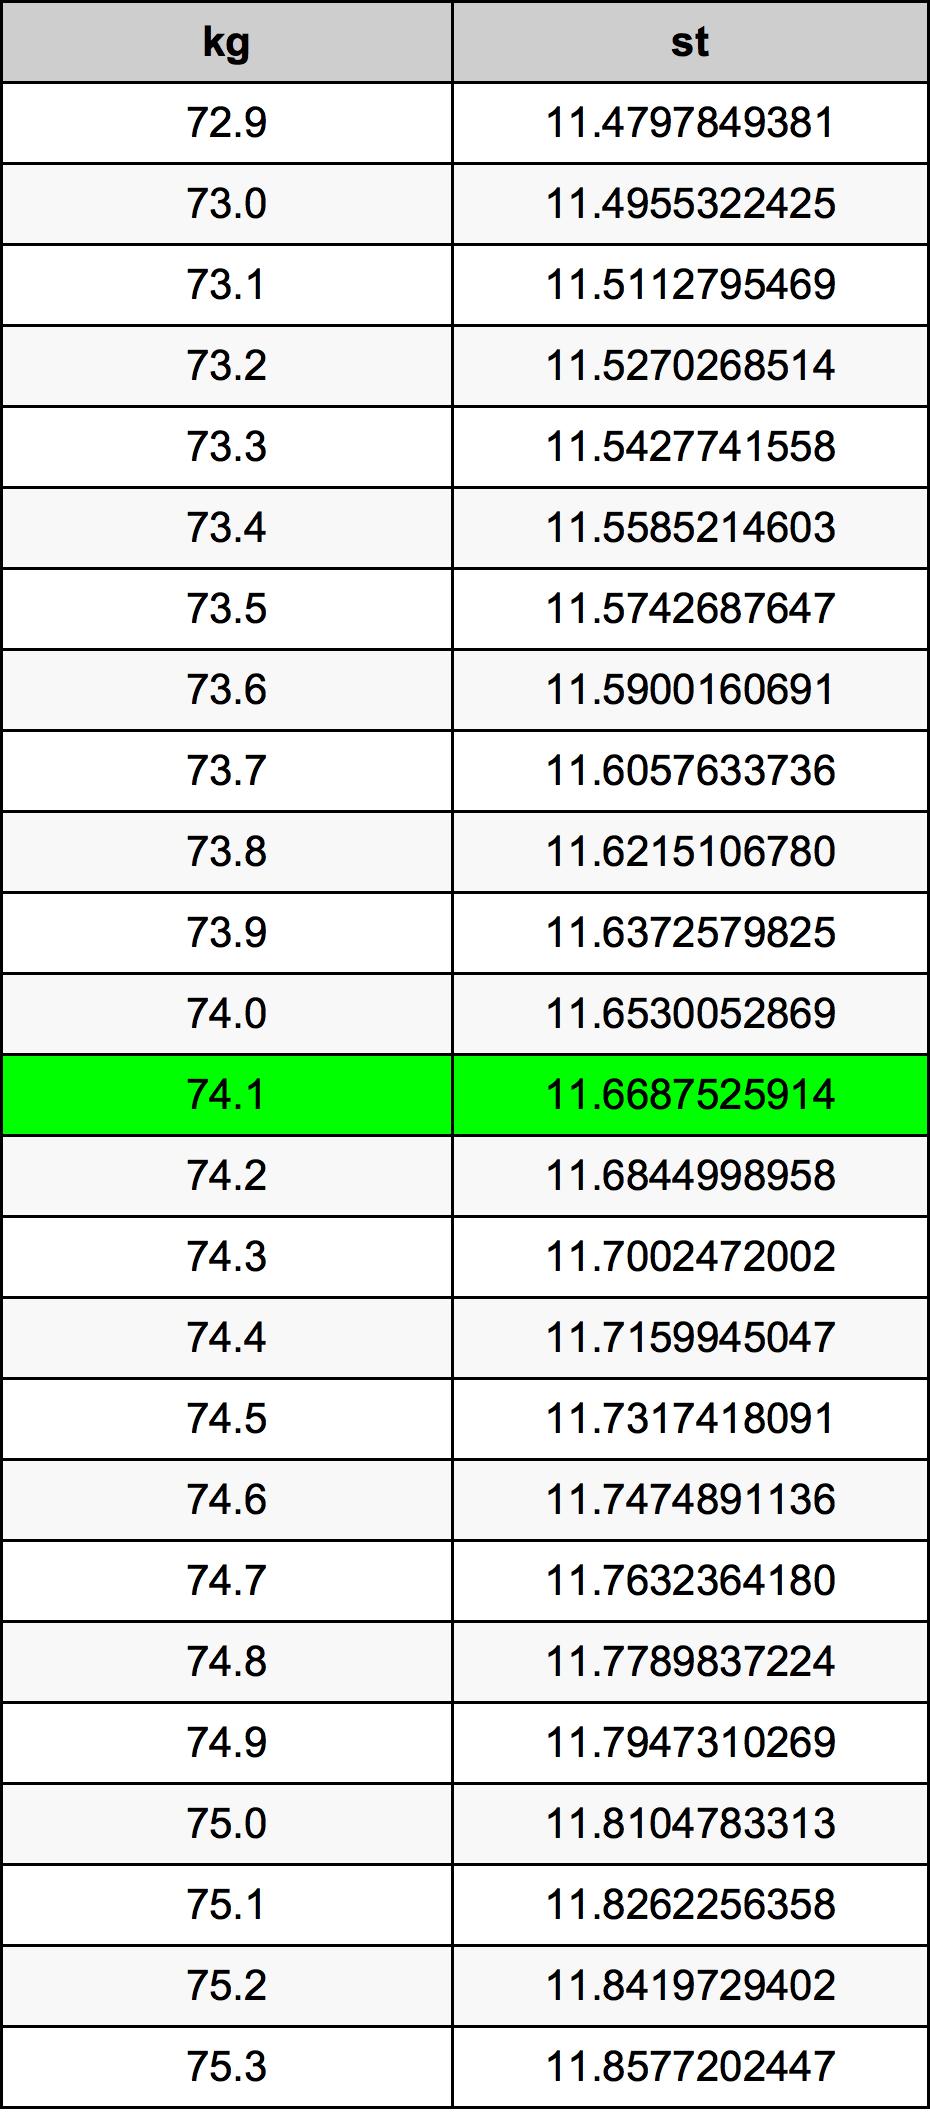 74.1 Kilogramo Tabla de conversión